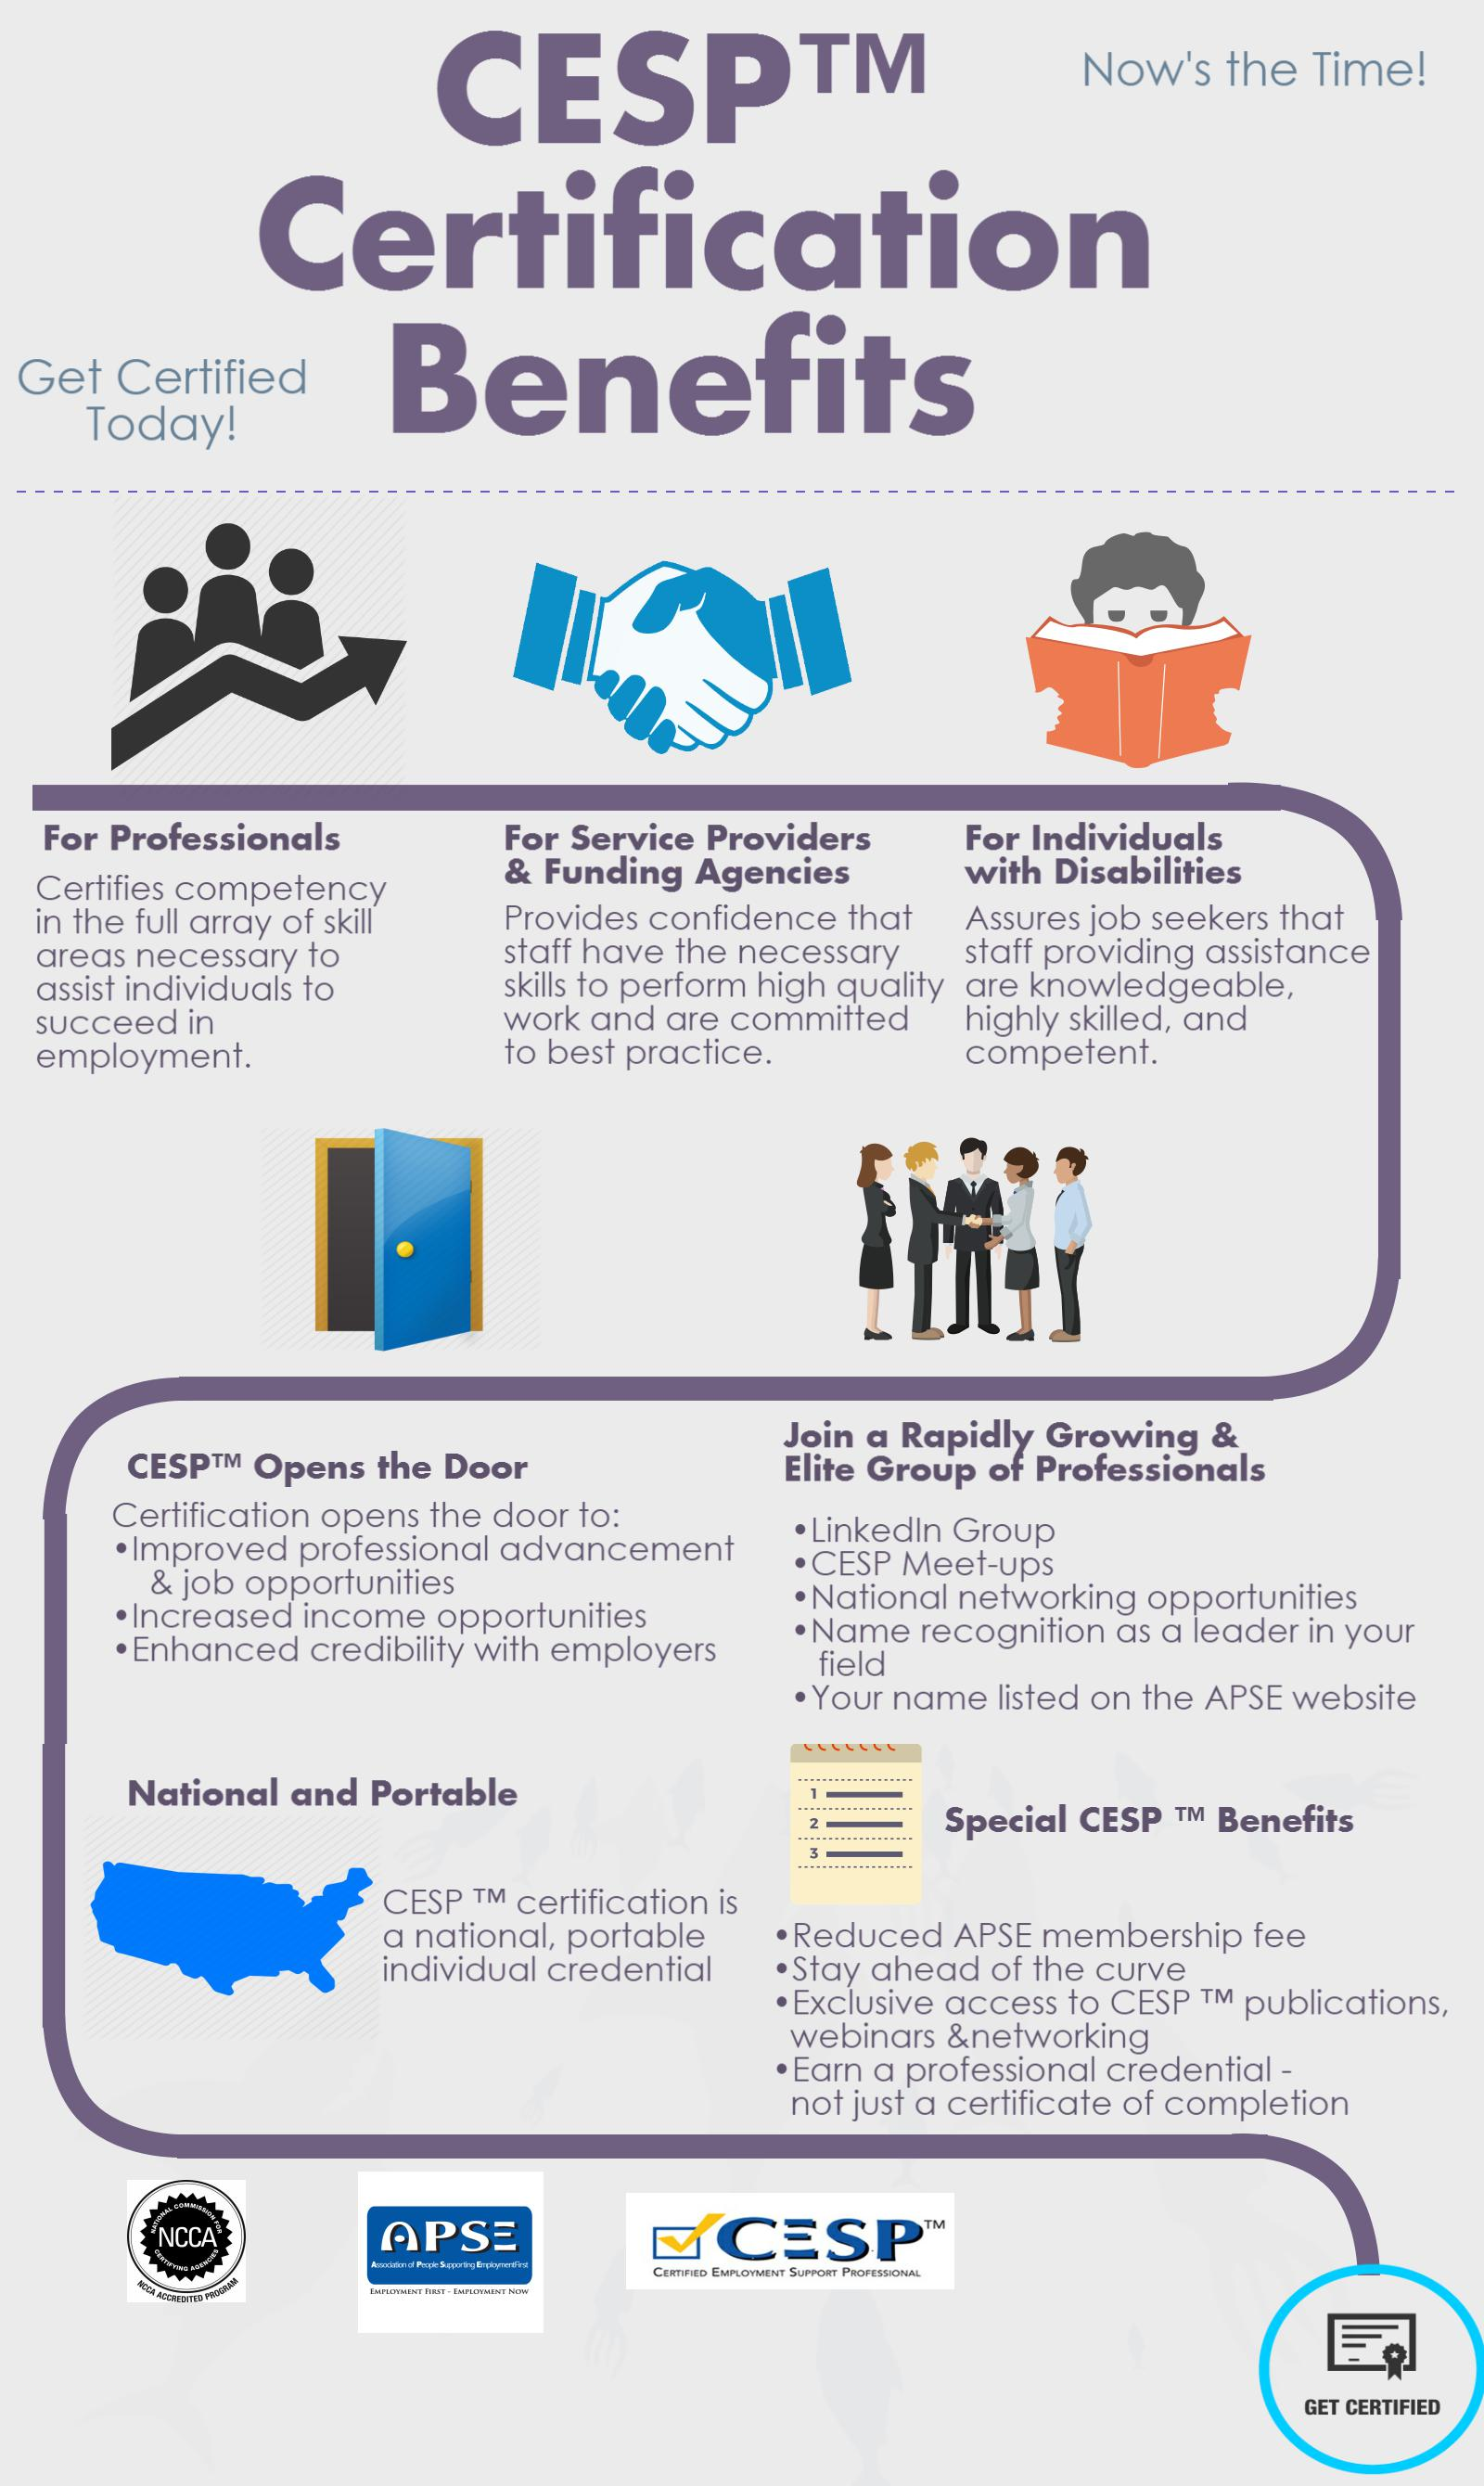 benefits-of-cesp